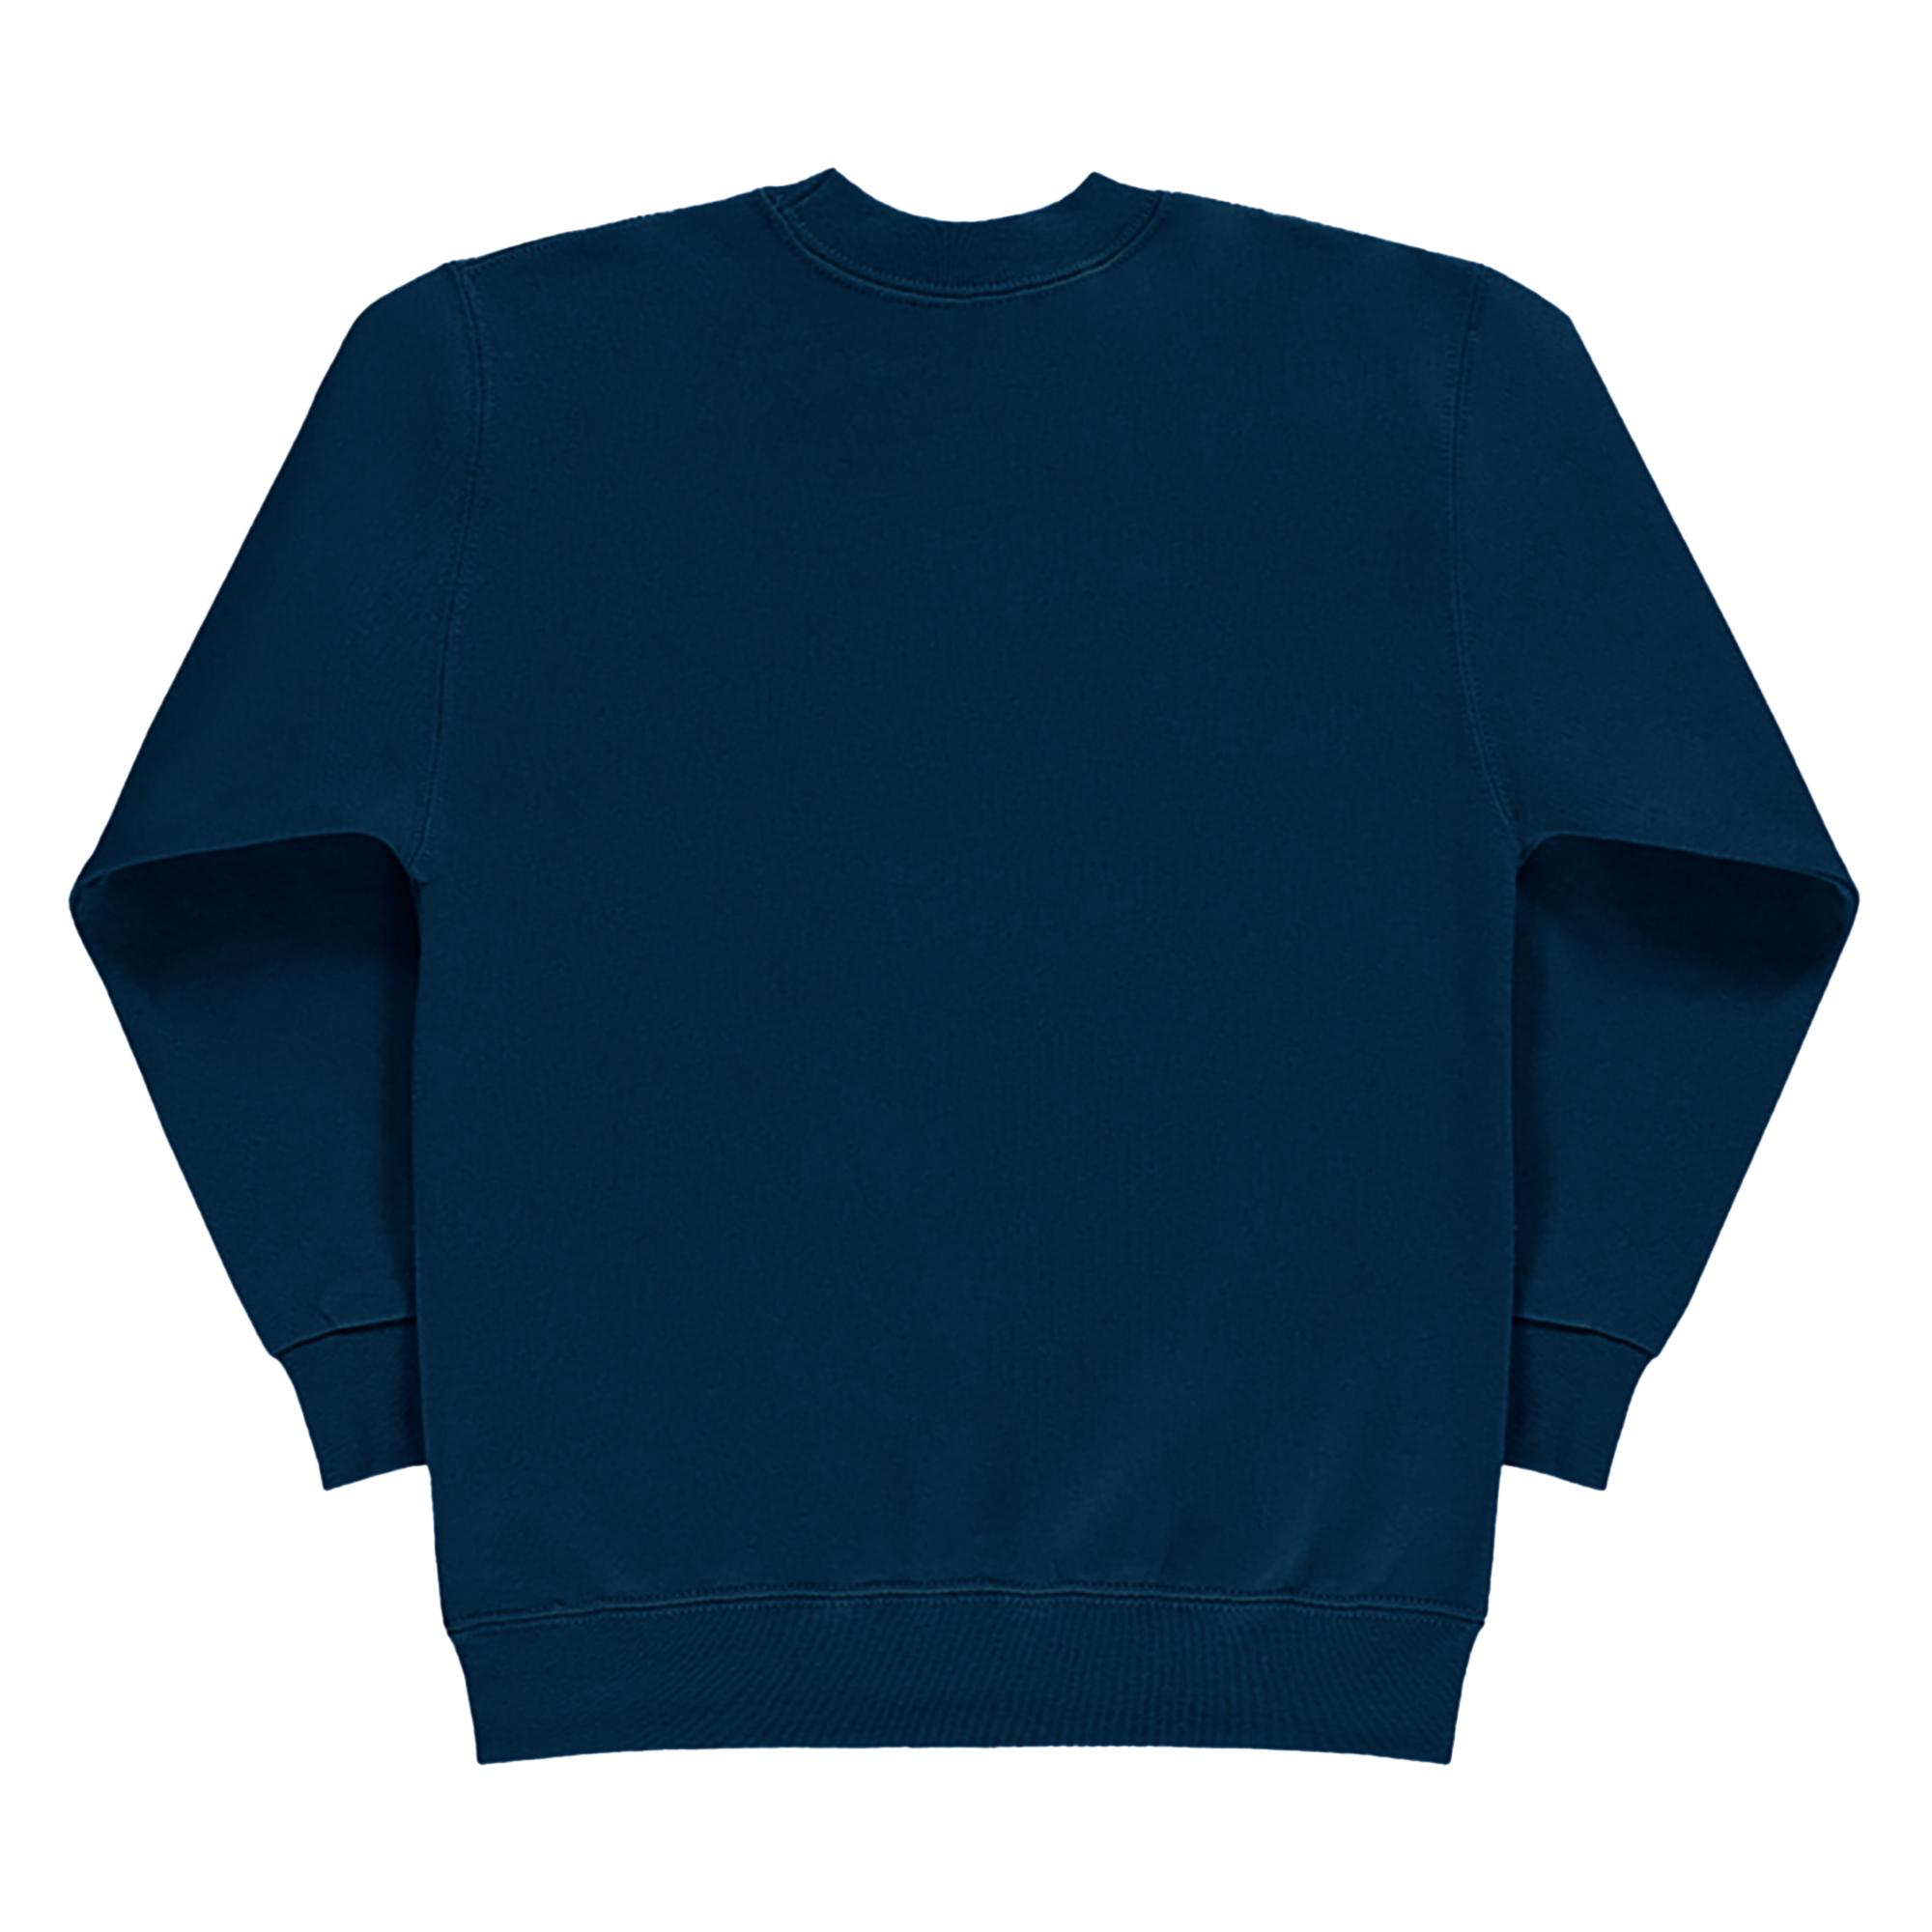 SG-Felpa-Girocollo-Maniche-Lunghe-Abbigliamento-Casual-Bambino